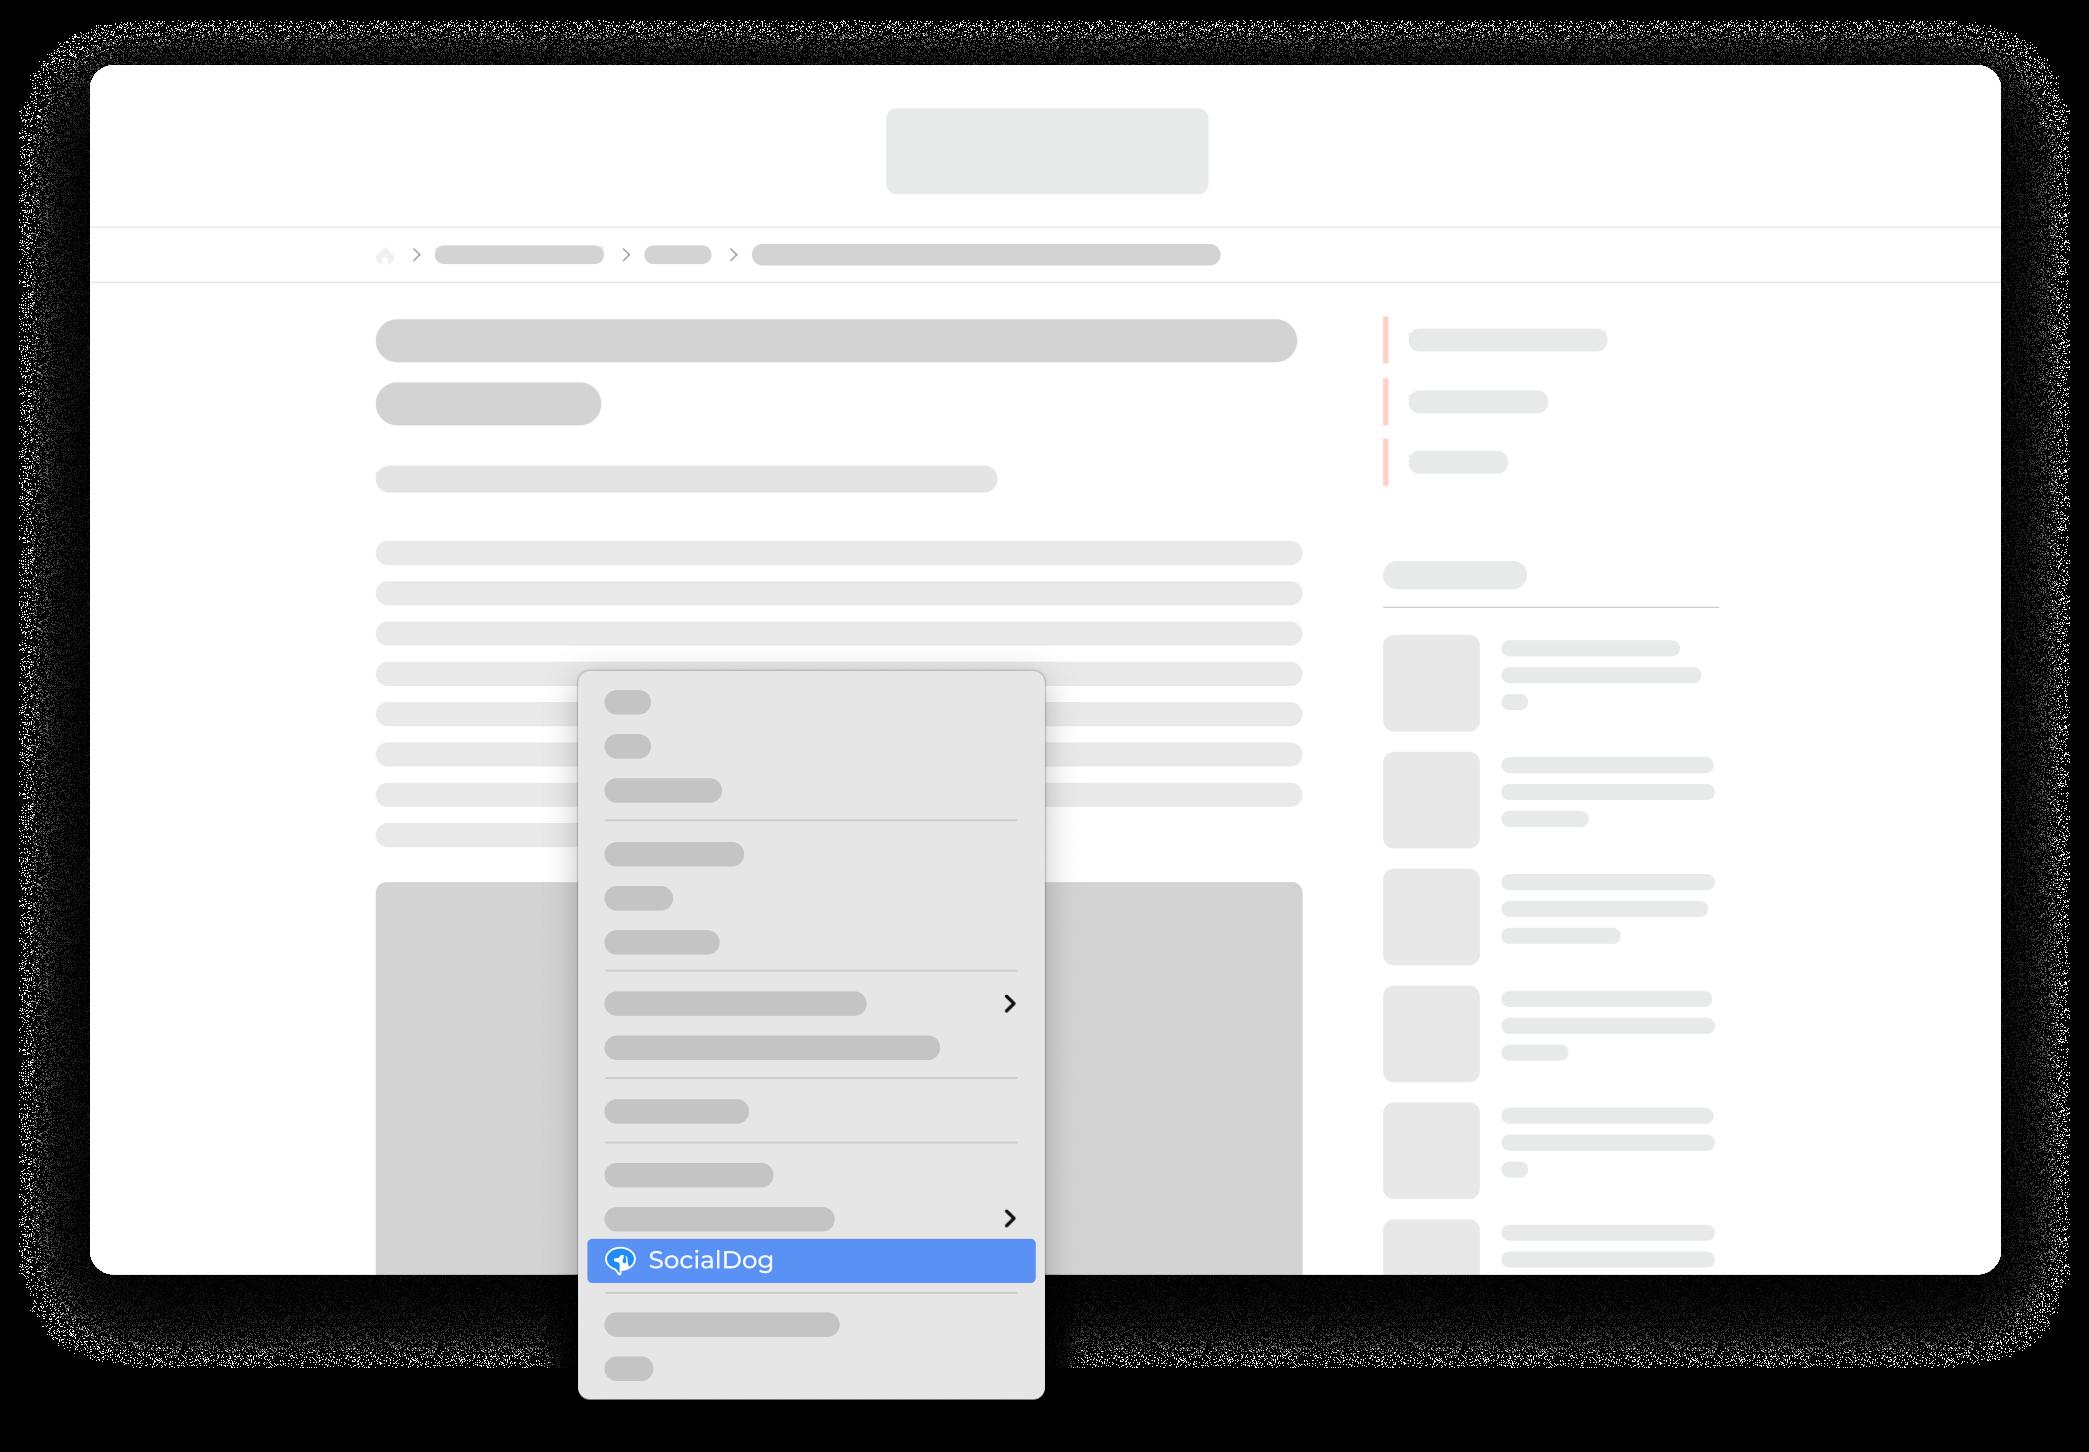 右クリックで表示されるメニューから「SocialDogでページをシェア」を選ぶだけで、表示中のウェブページを簡単にツイートできます。